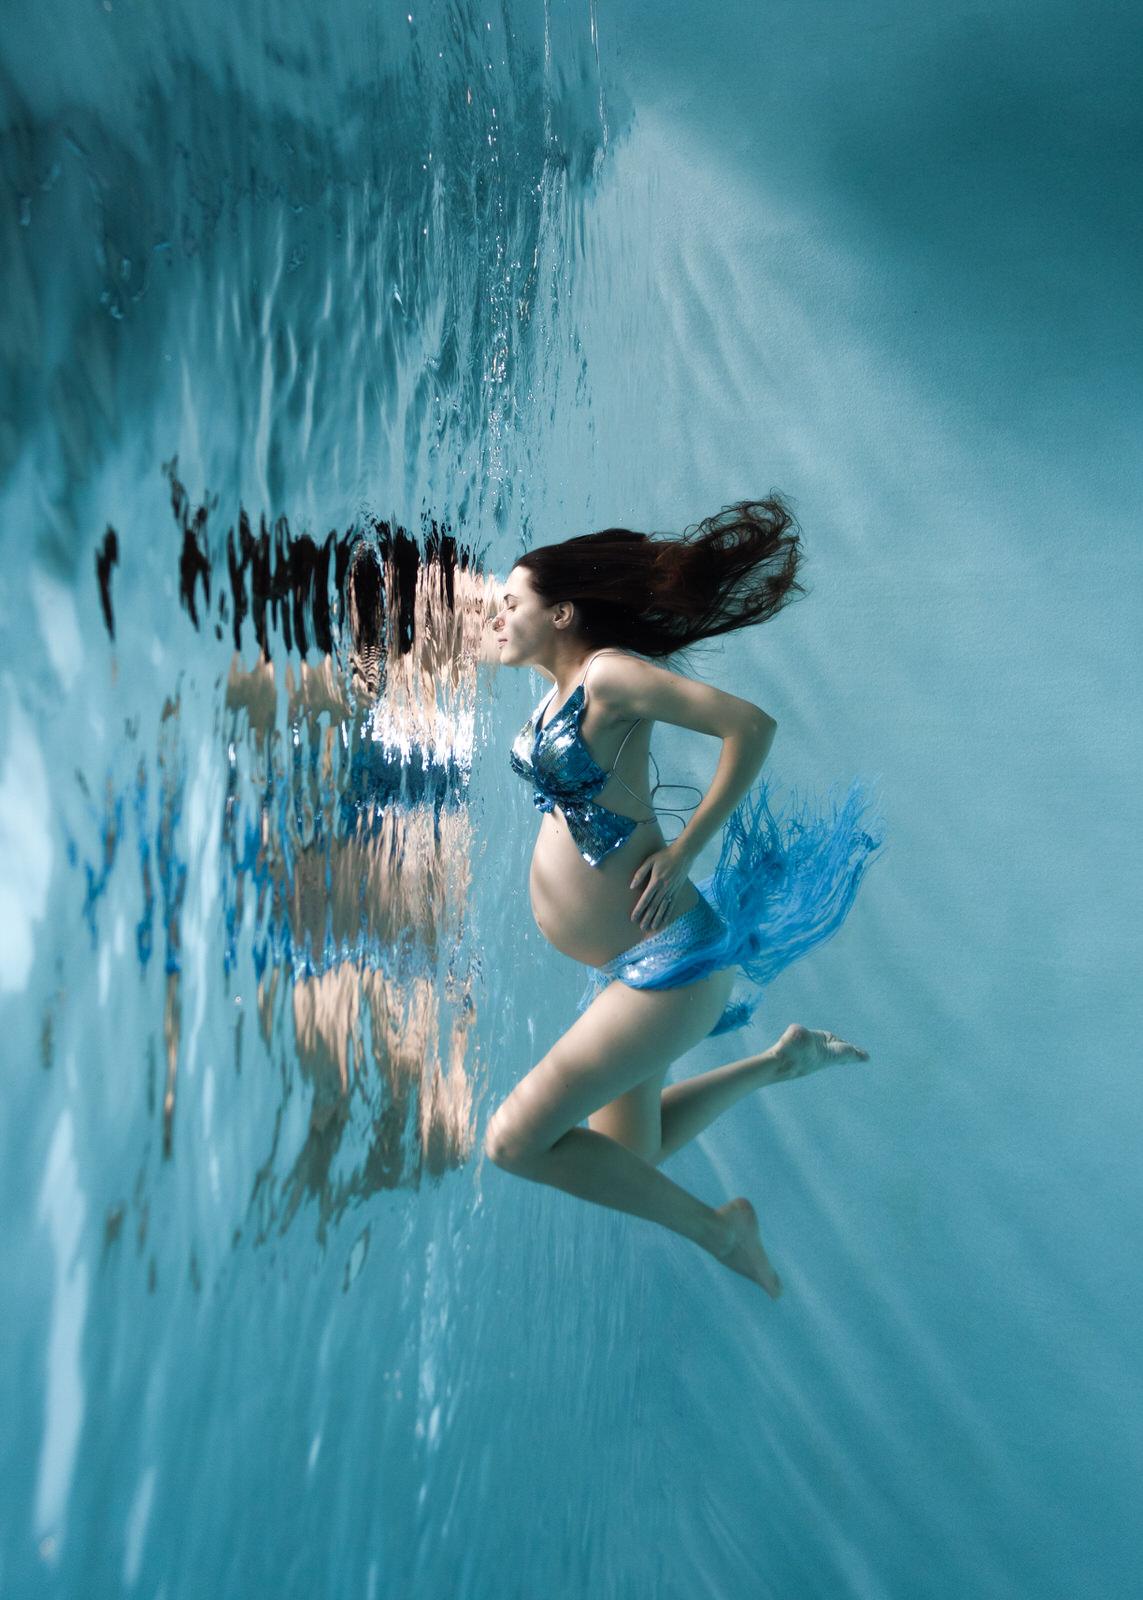 photographe-sous-l'eau-paris-grossesse